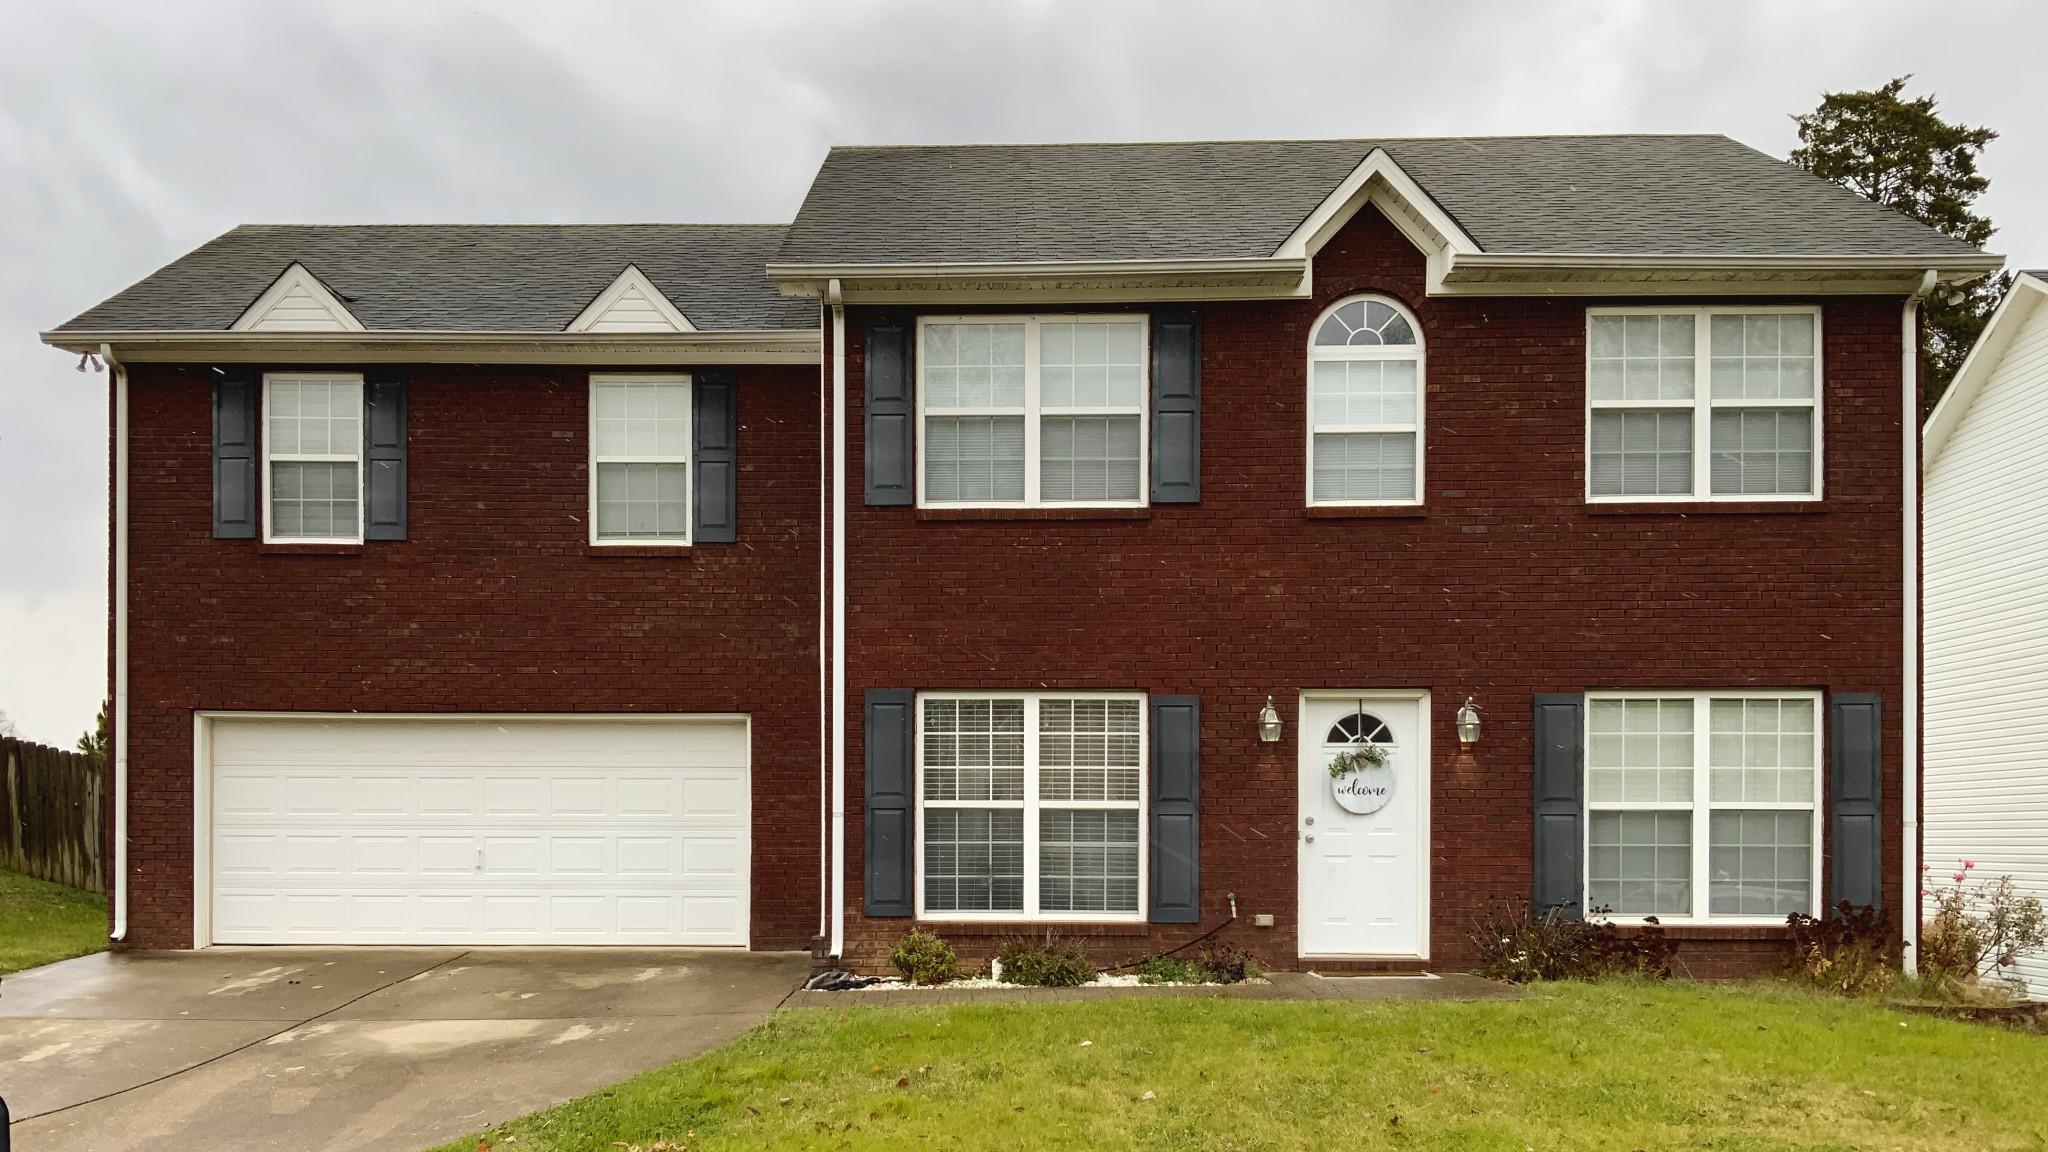 Baker Springs Sec 2 Real Estate Listings Main Image